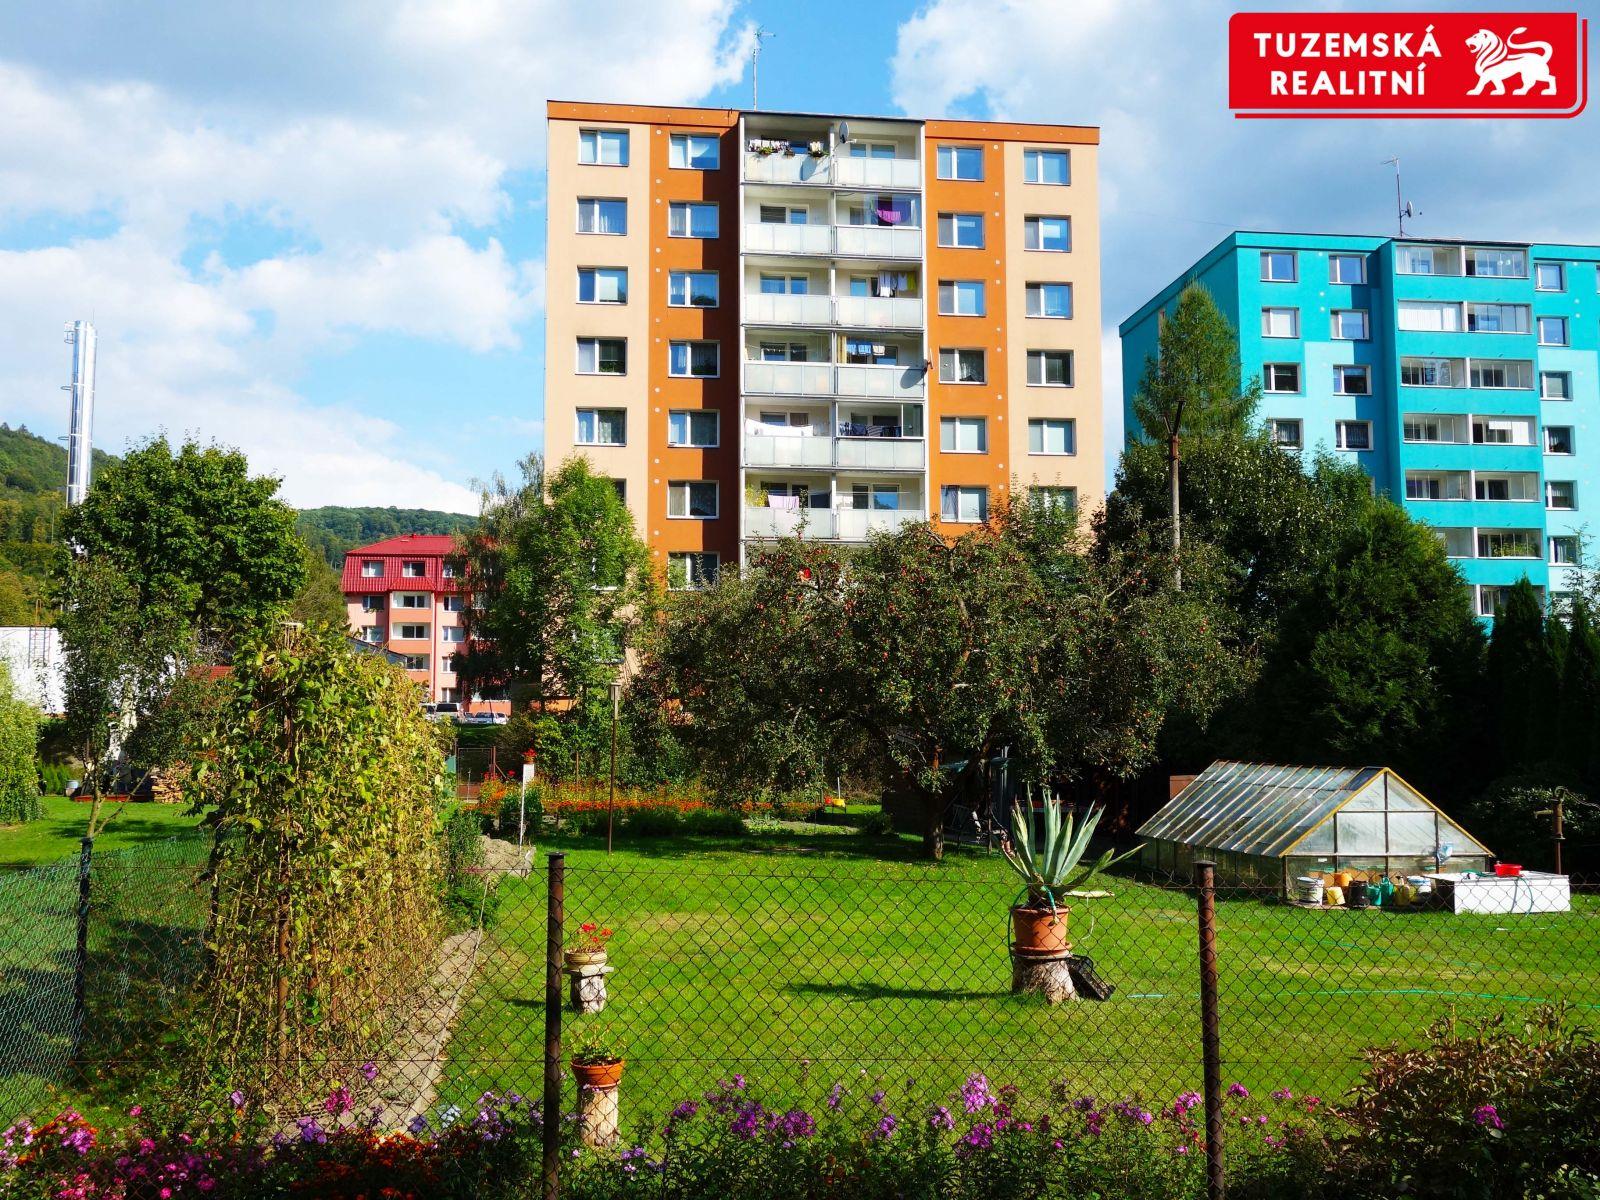 Zrekonstruovaný byt 3+1 s lodžií a výtahem, v blízkosti jsou služby i příroda.